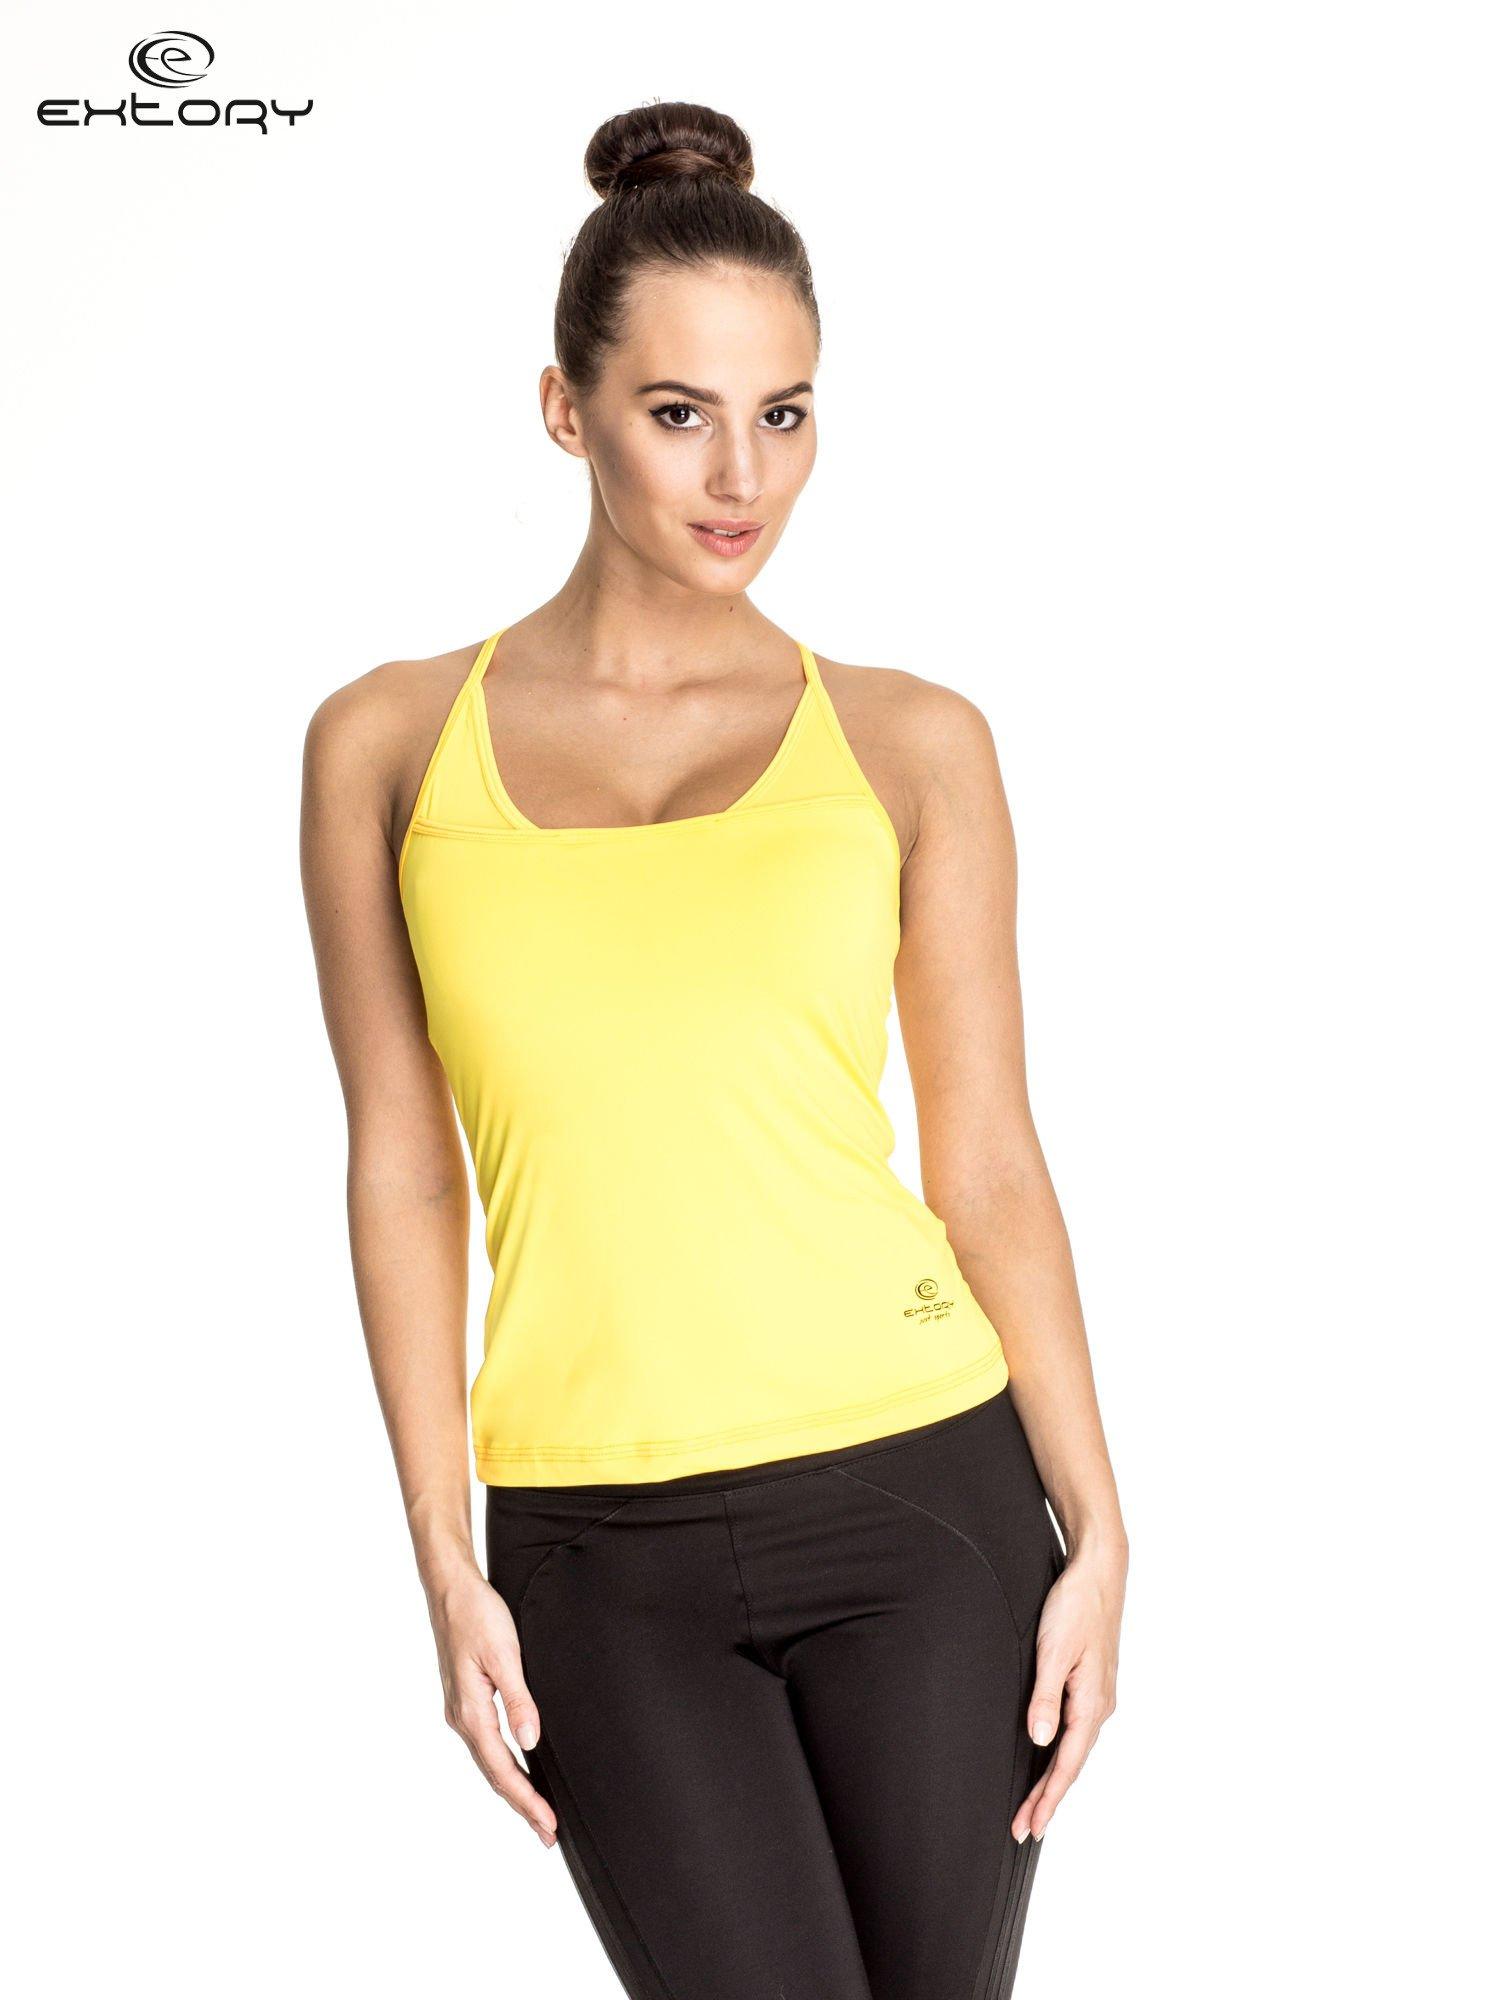 Żółty  top sportowy z siateczką i ramiączkami w kształcie litery T na plecach                                  zdj.                                  1